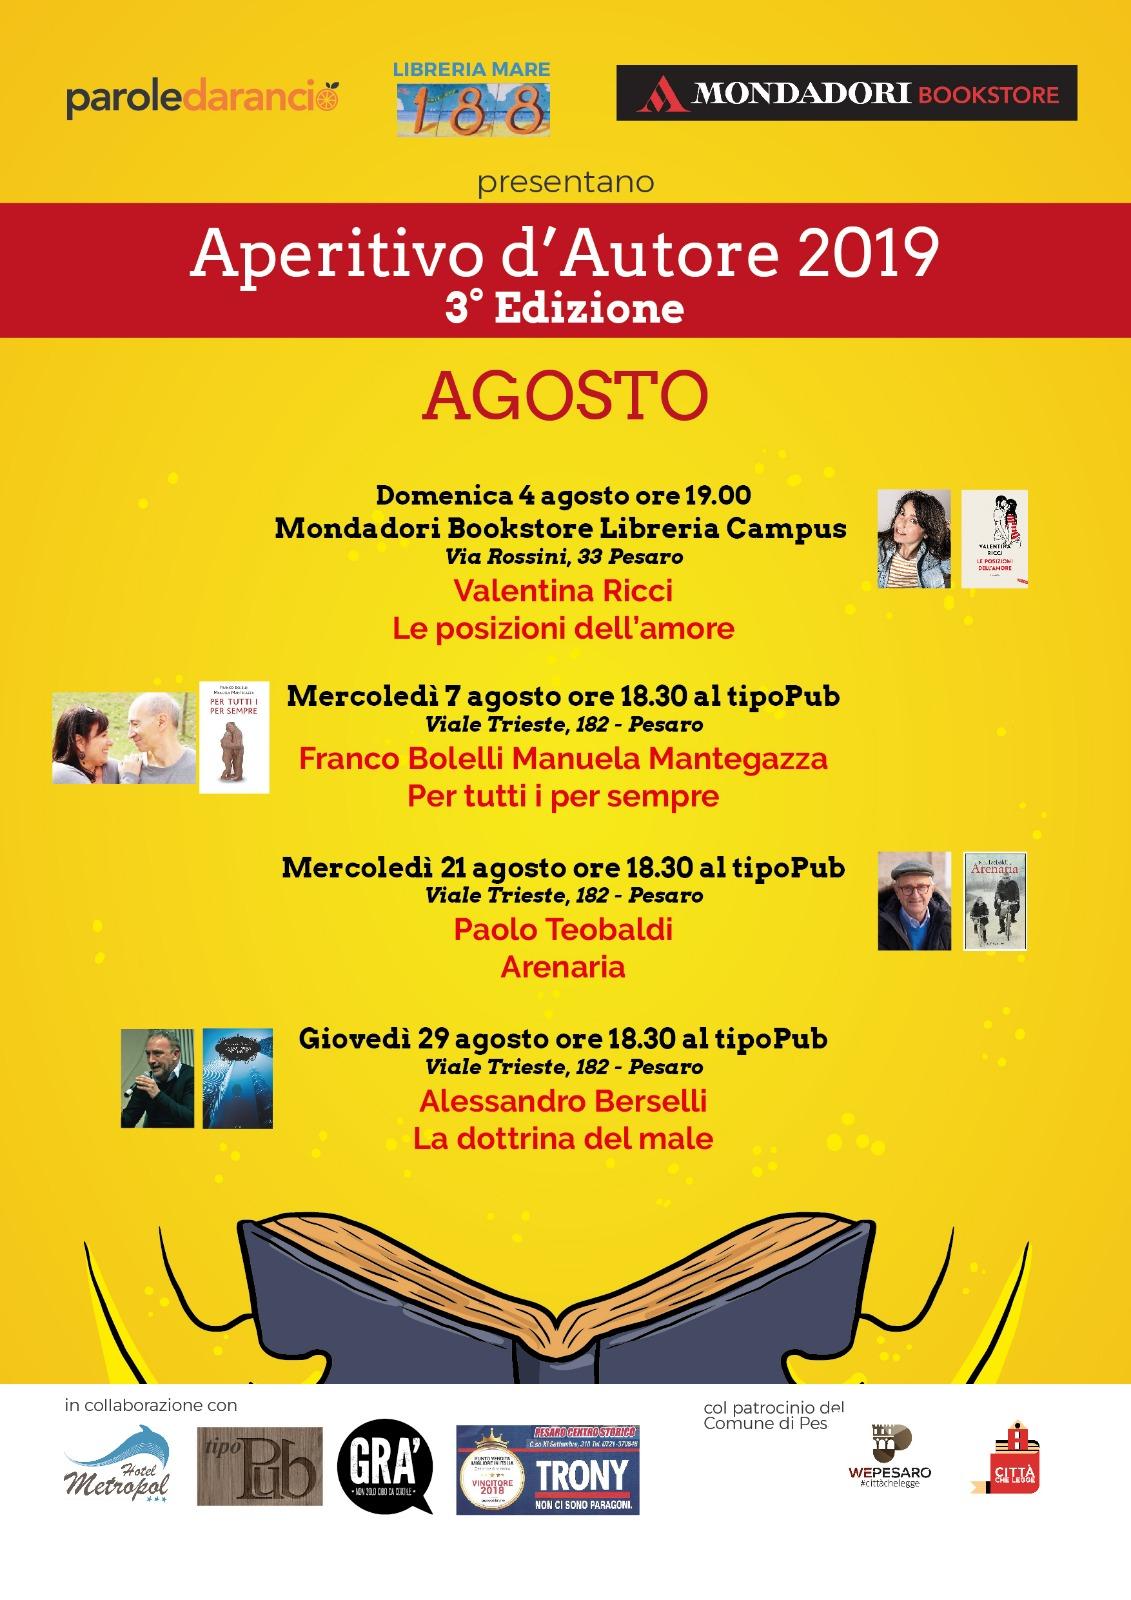 Aperitivo d'Autore agosto 2019